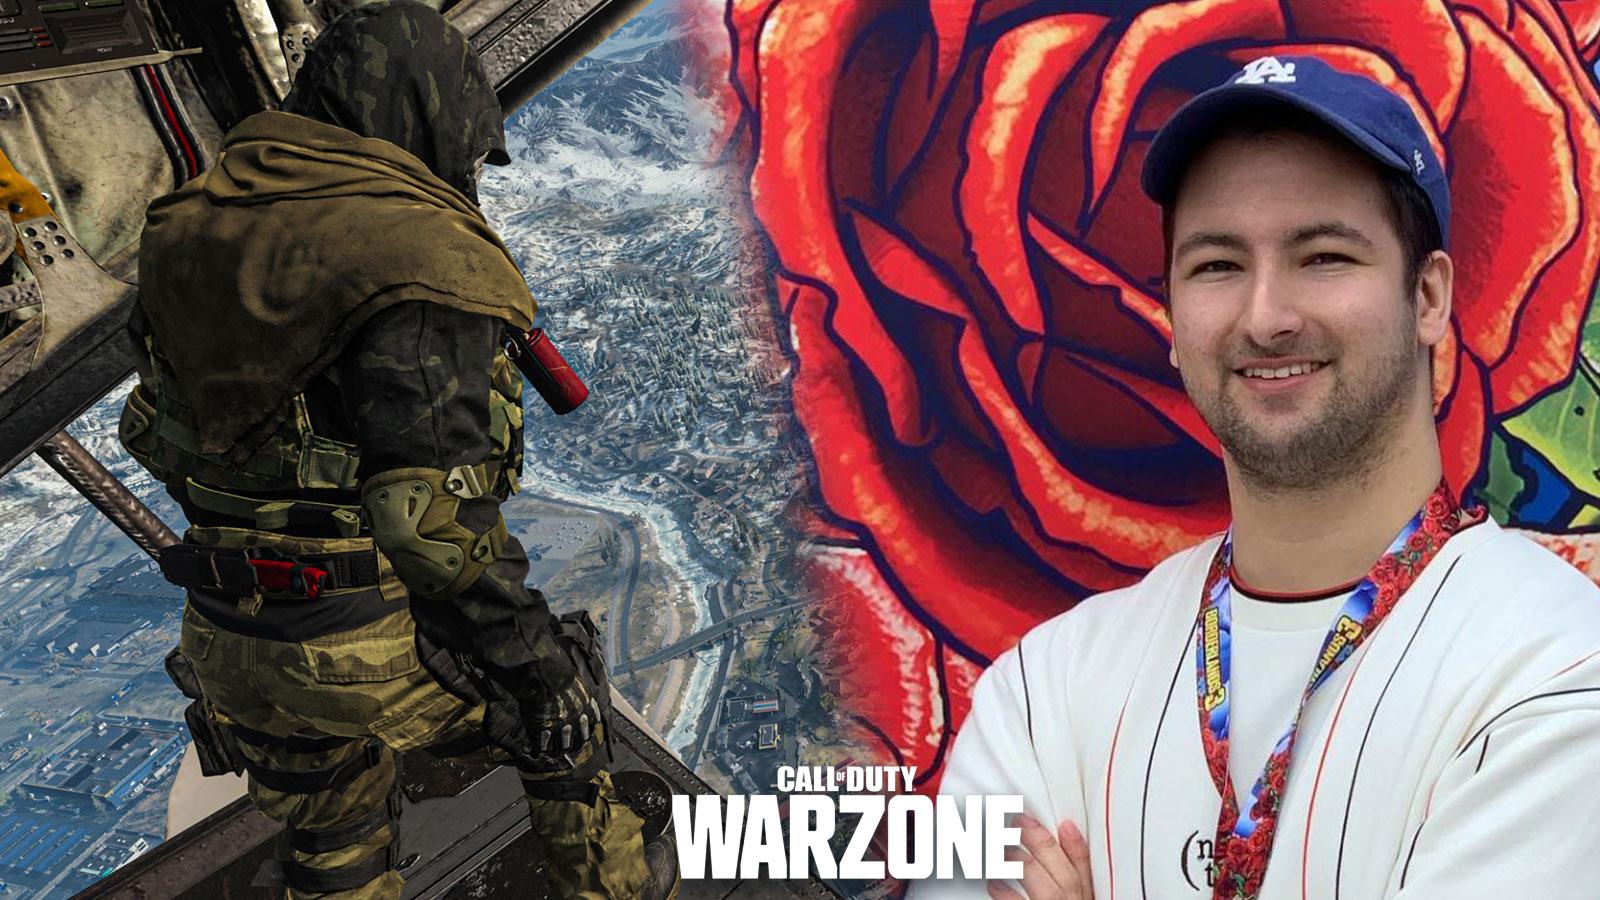 MrDalekJD a partagé son plus grand souhait à propos de Warzone